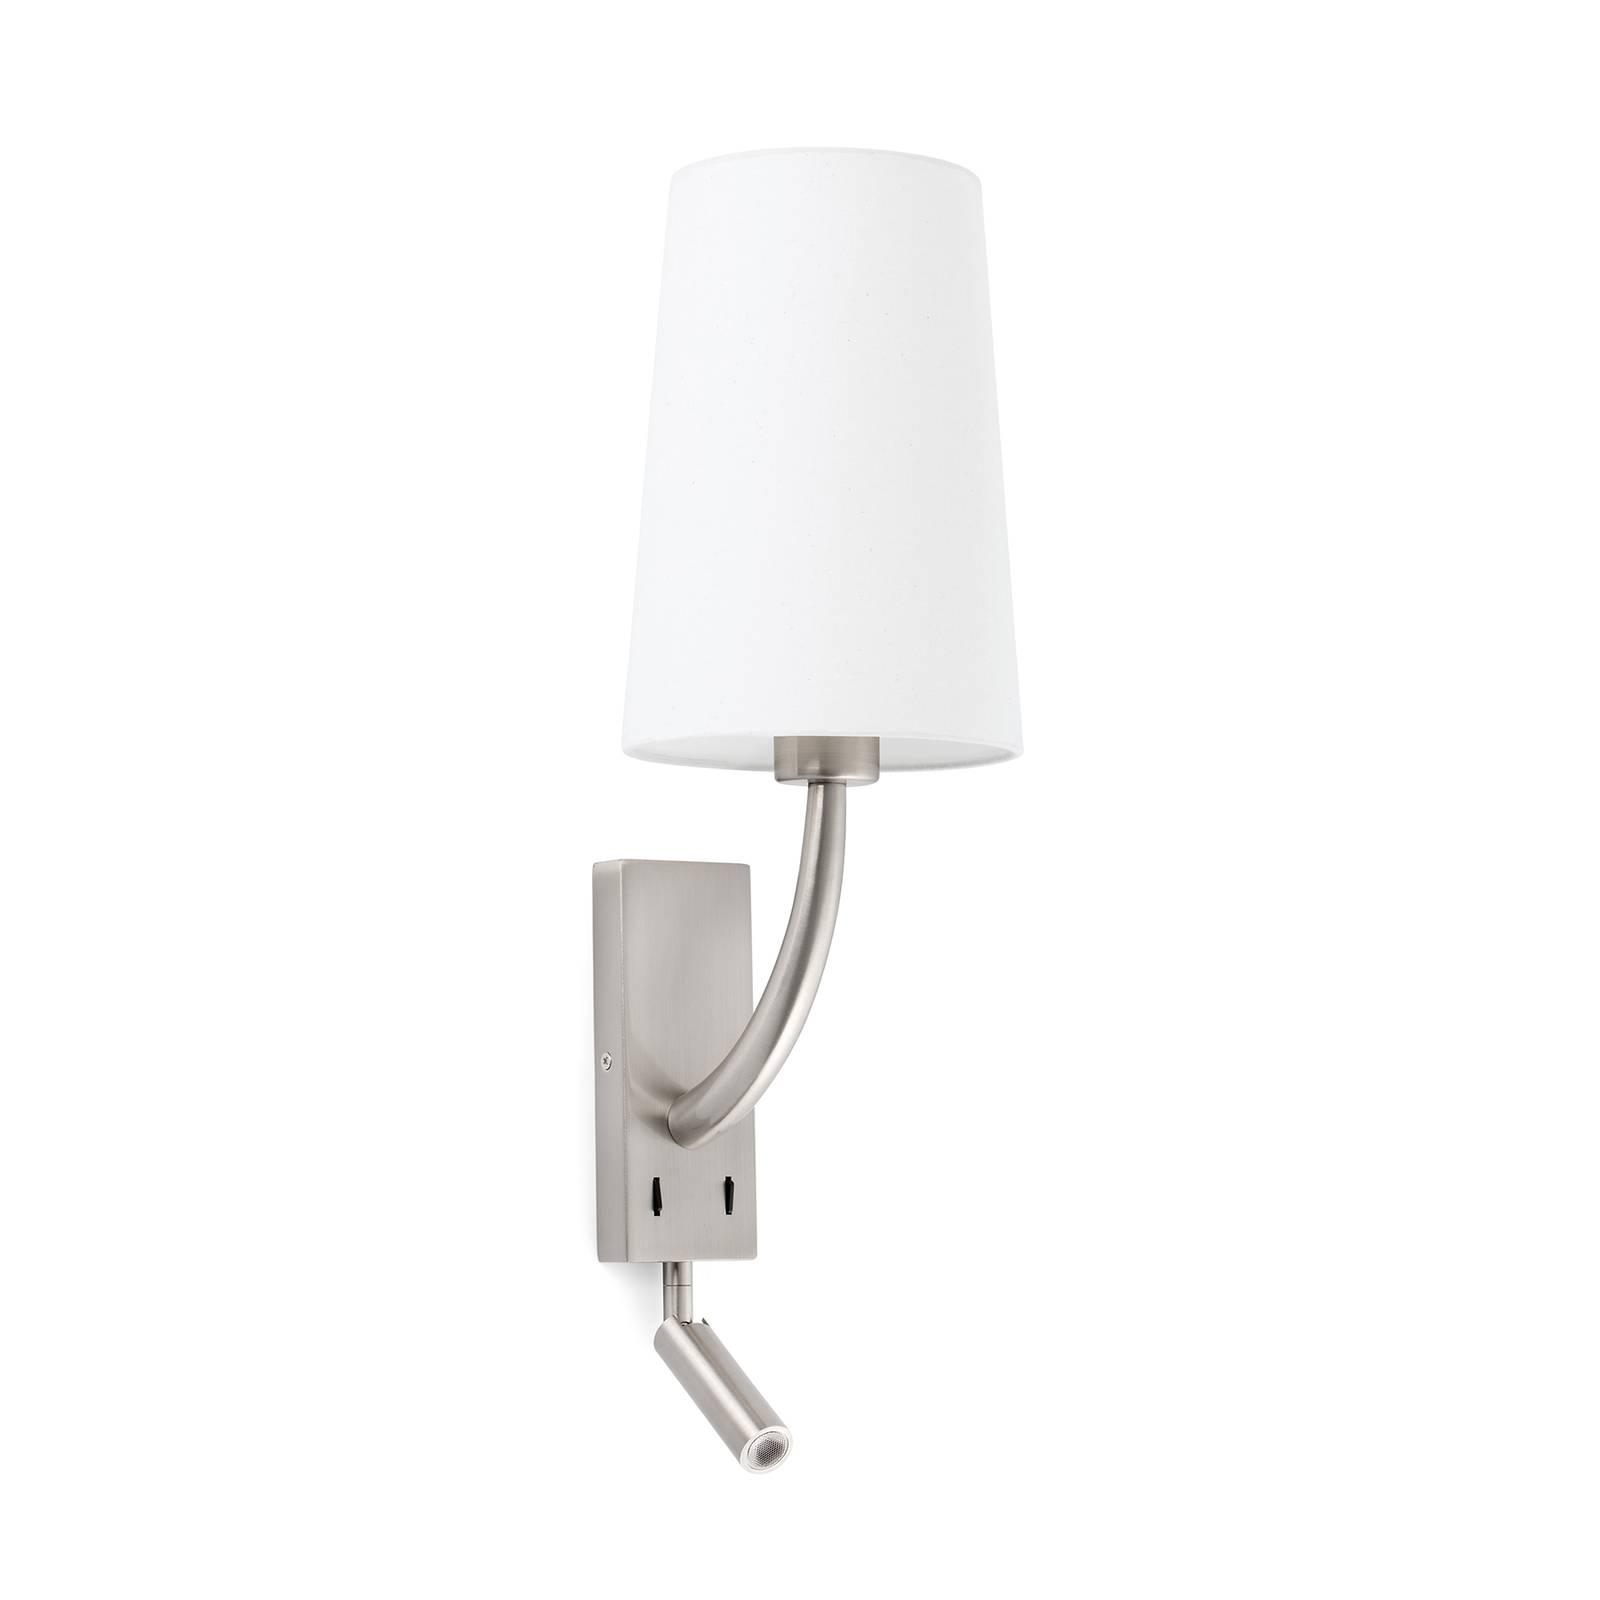 Wandleuchte Rem mit LED-Leseleuchte, weiß/nickel